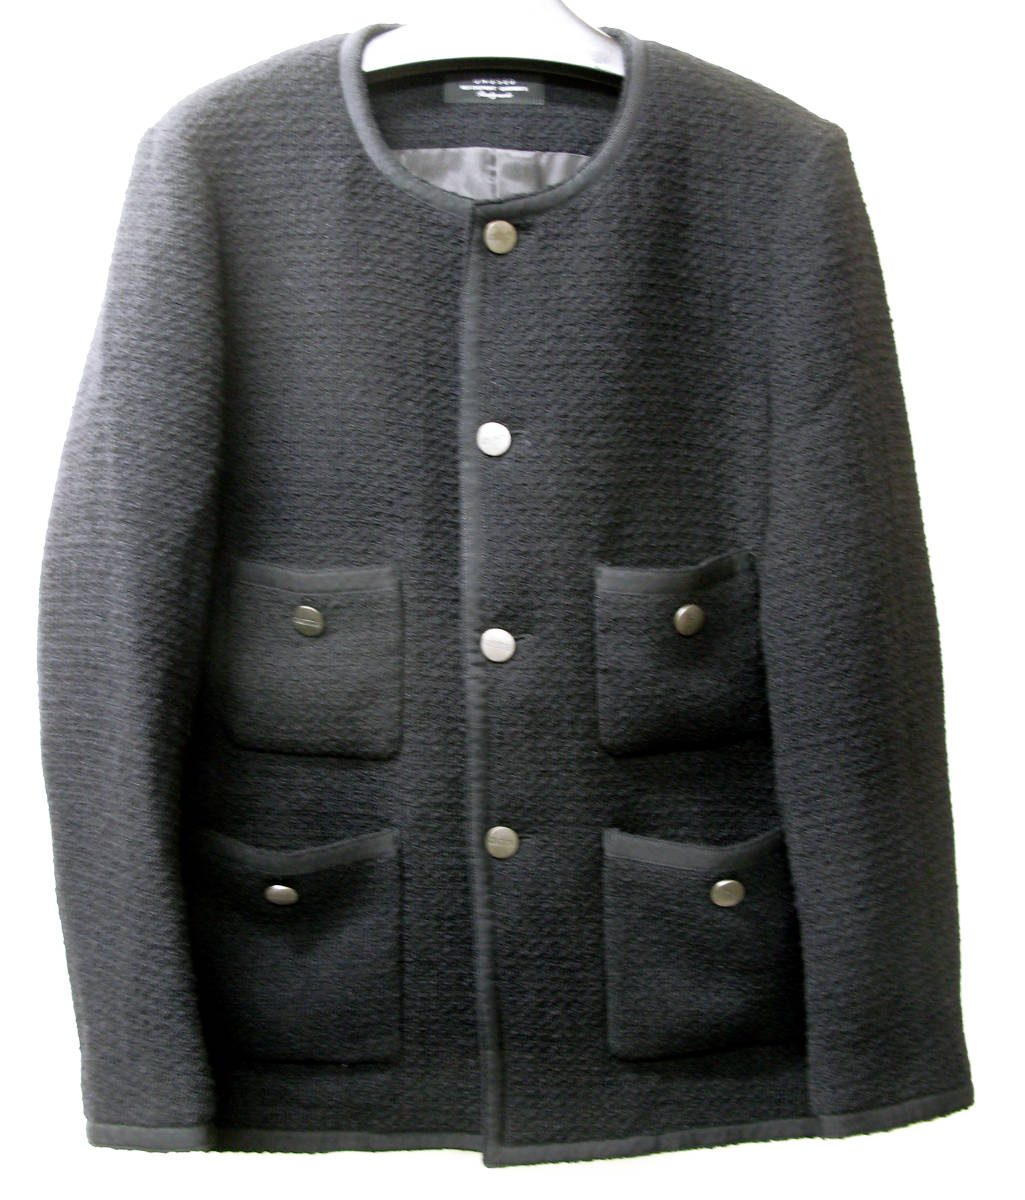 アンユーズド UNUSED×LINTON FABRIC:ノーカラー ツイード ジャケット ( リントン UNUSED×LINTON FABRIC Men's jacket_画像1